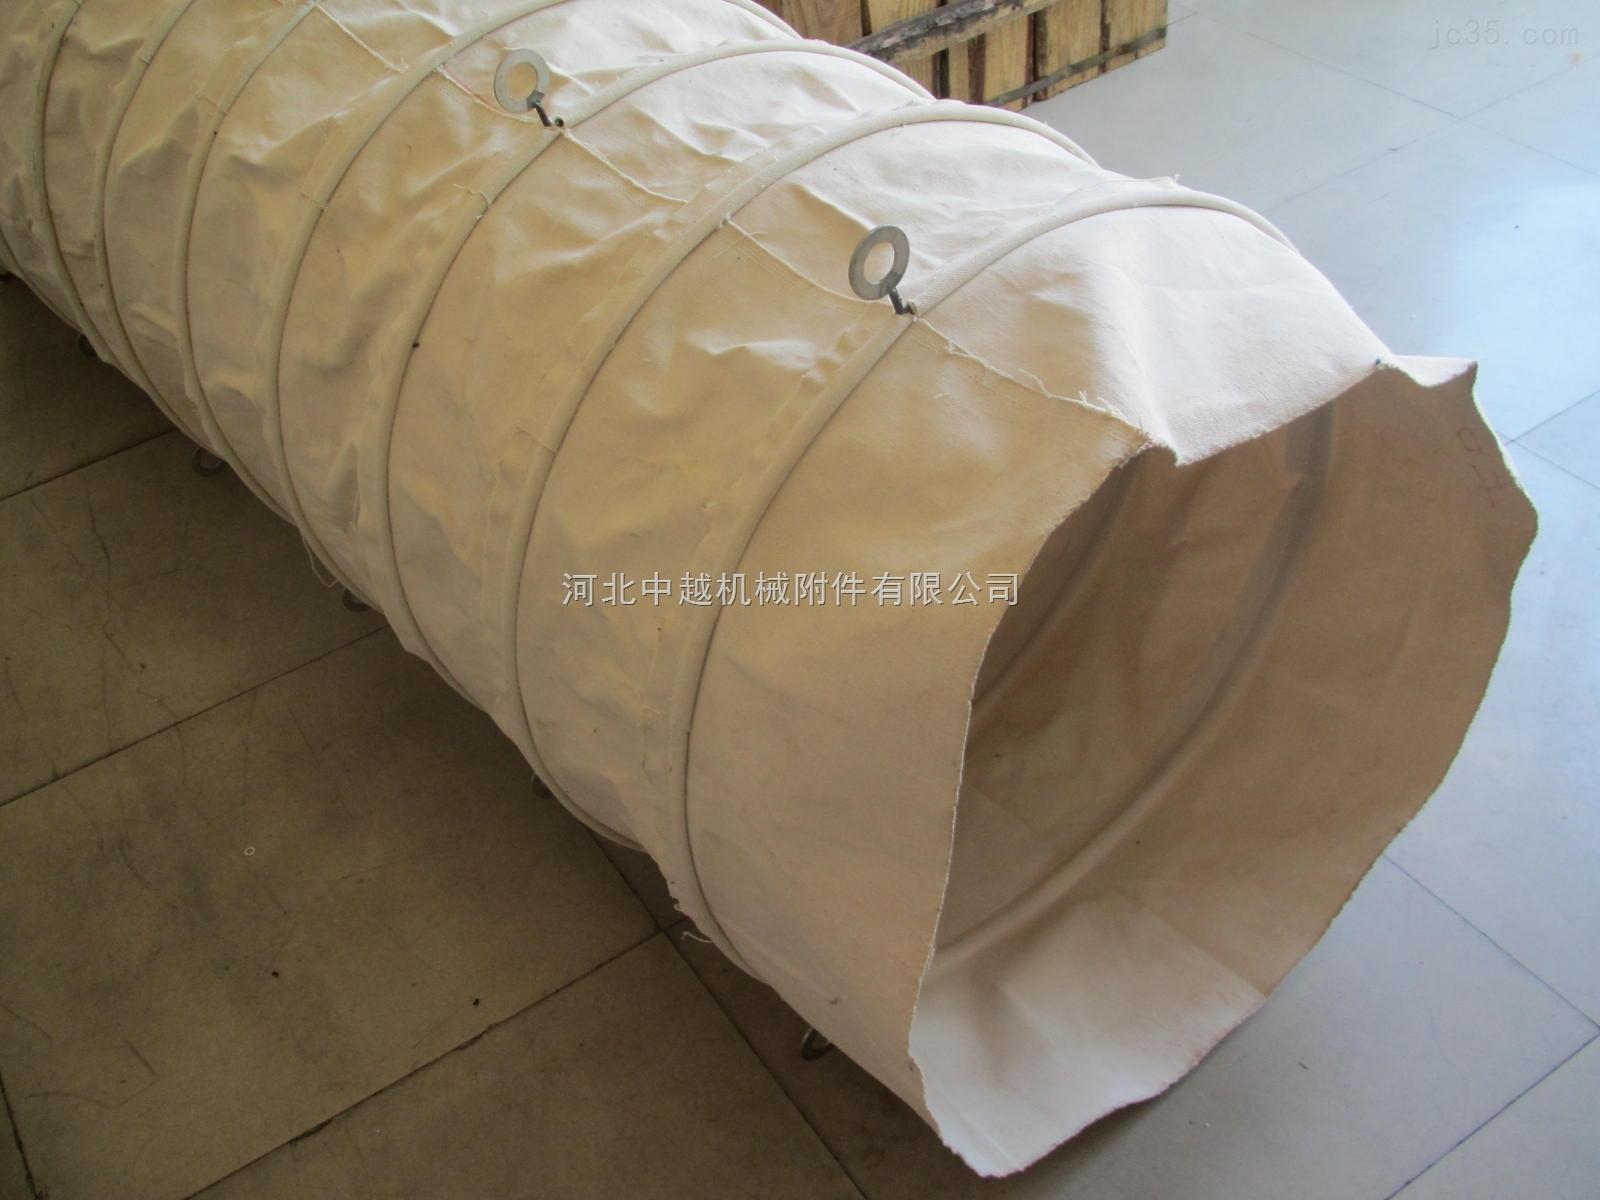 水泥散装伸缩布袋生产厂家